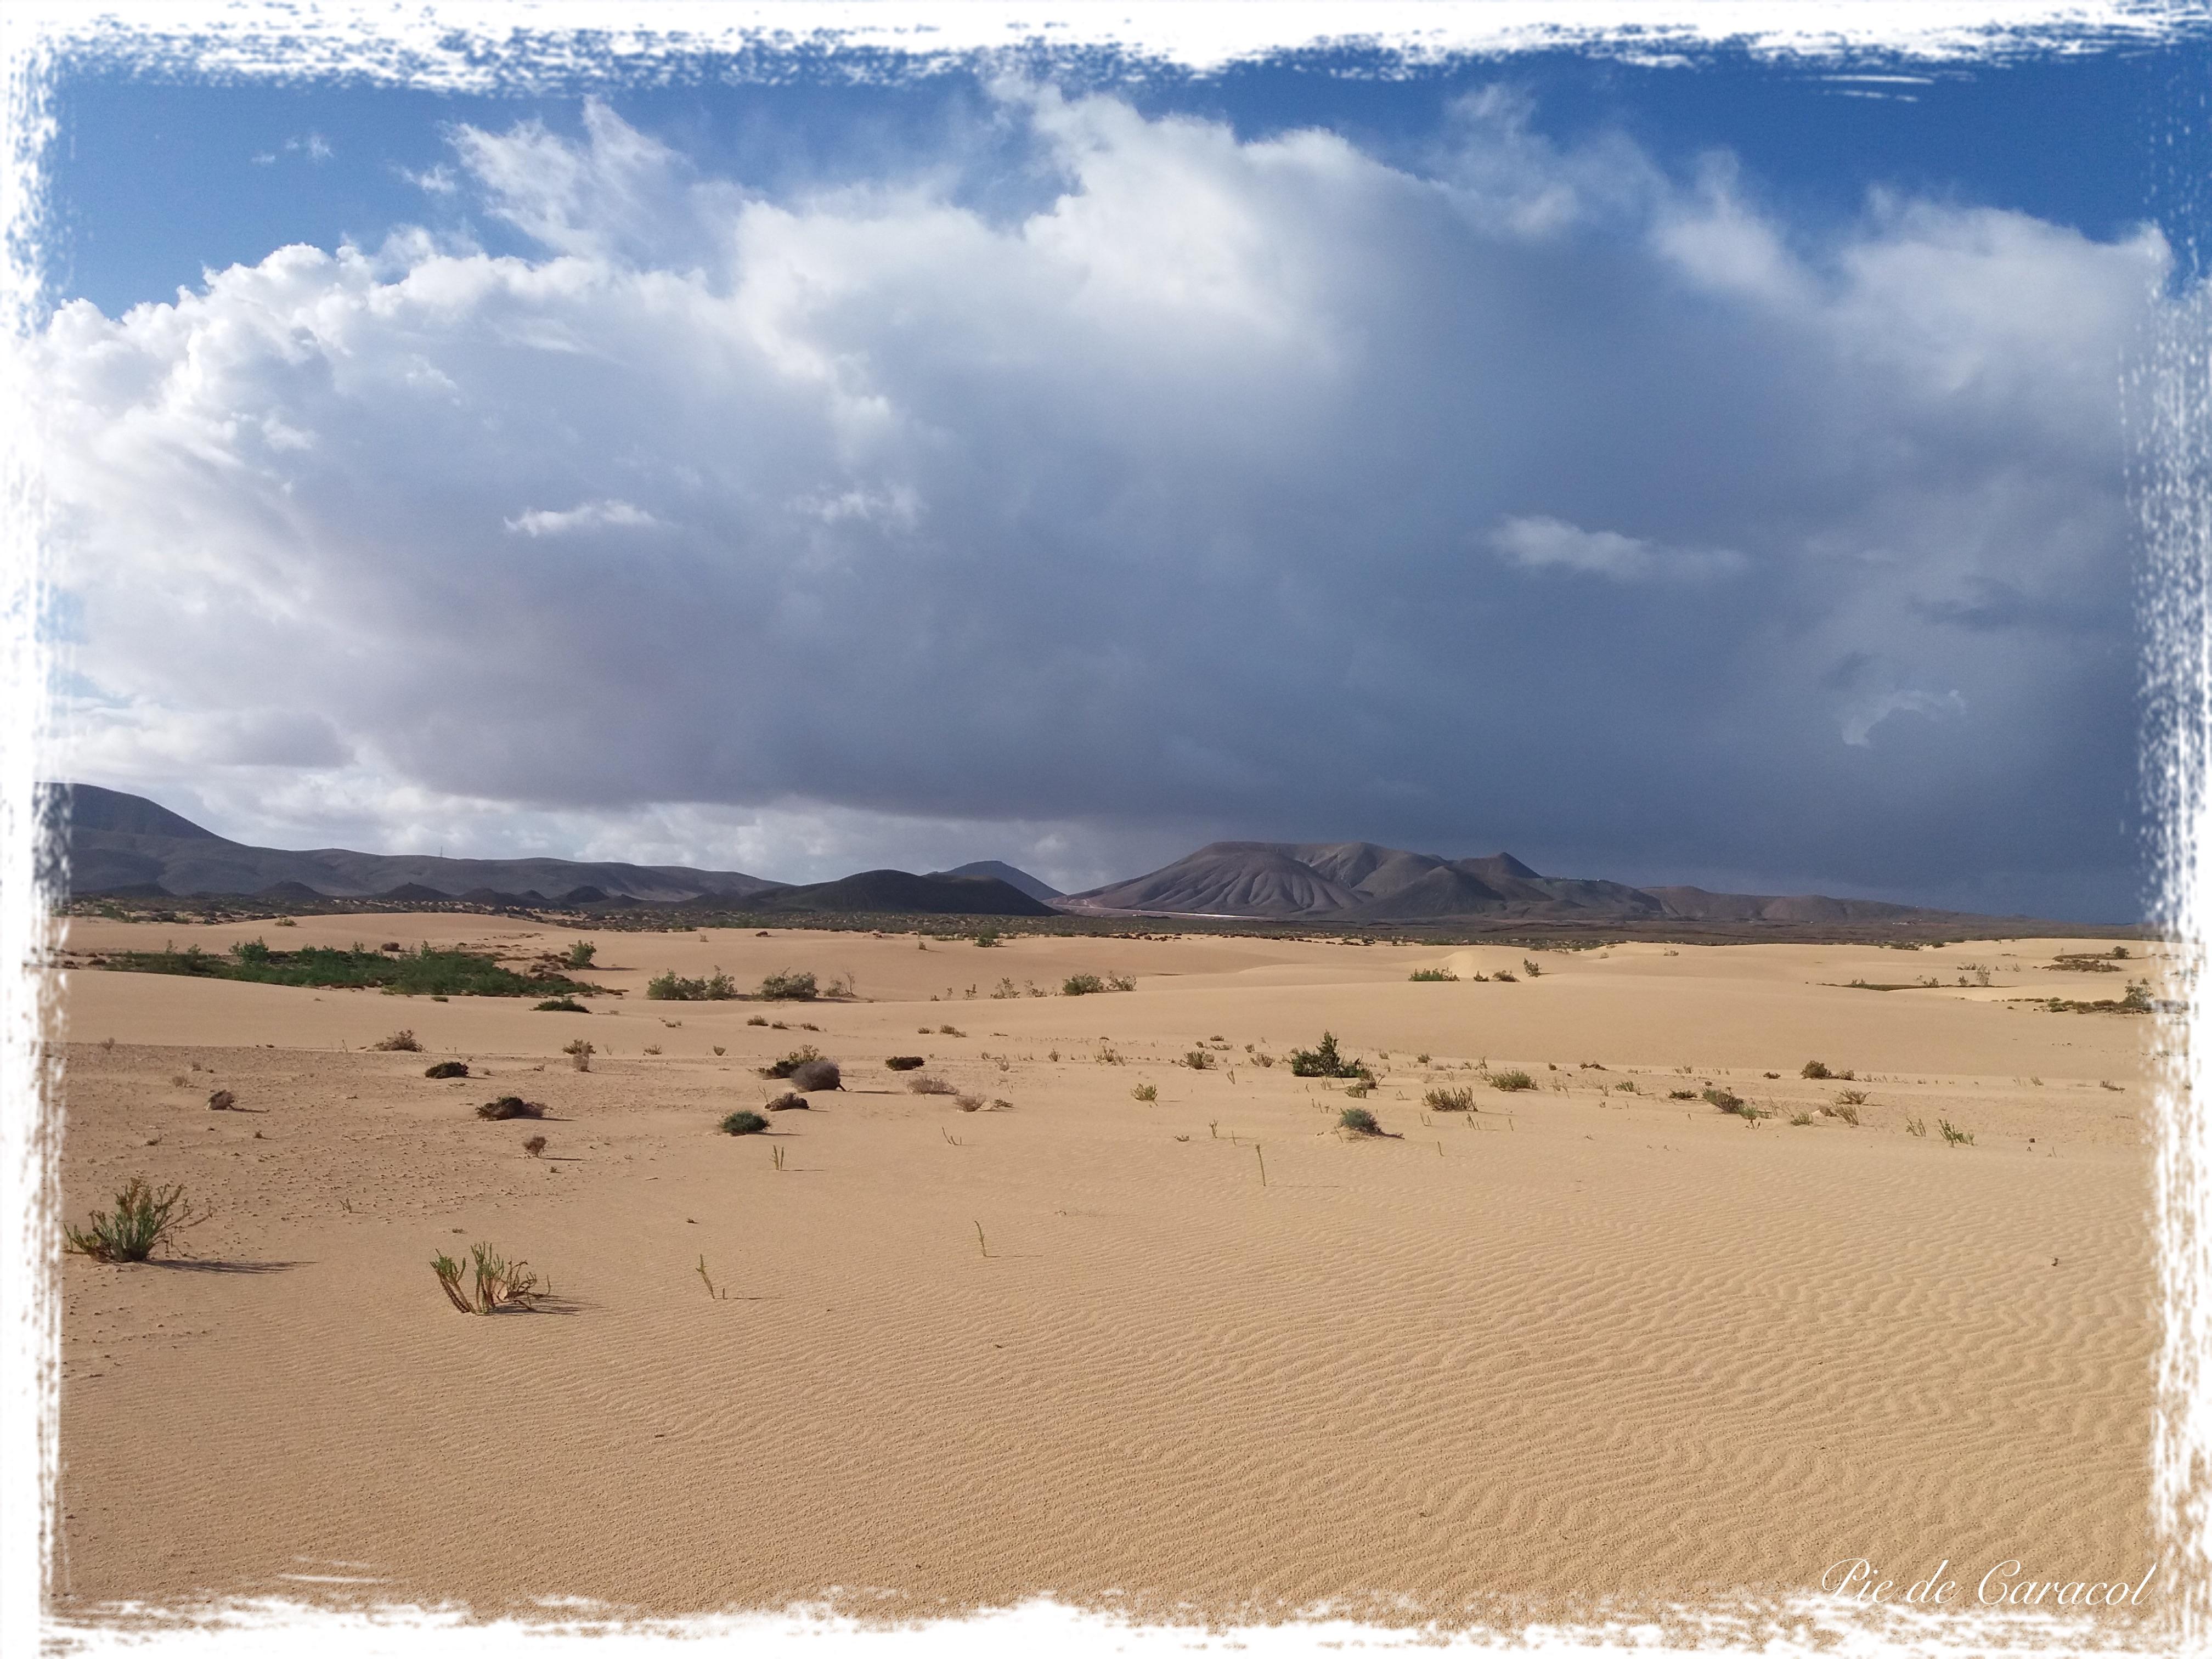 Parque Natural Las Dunas de Corralejo, Fuerteventura